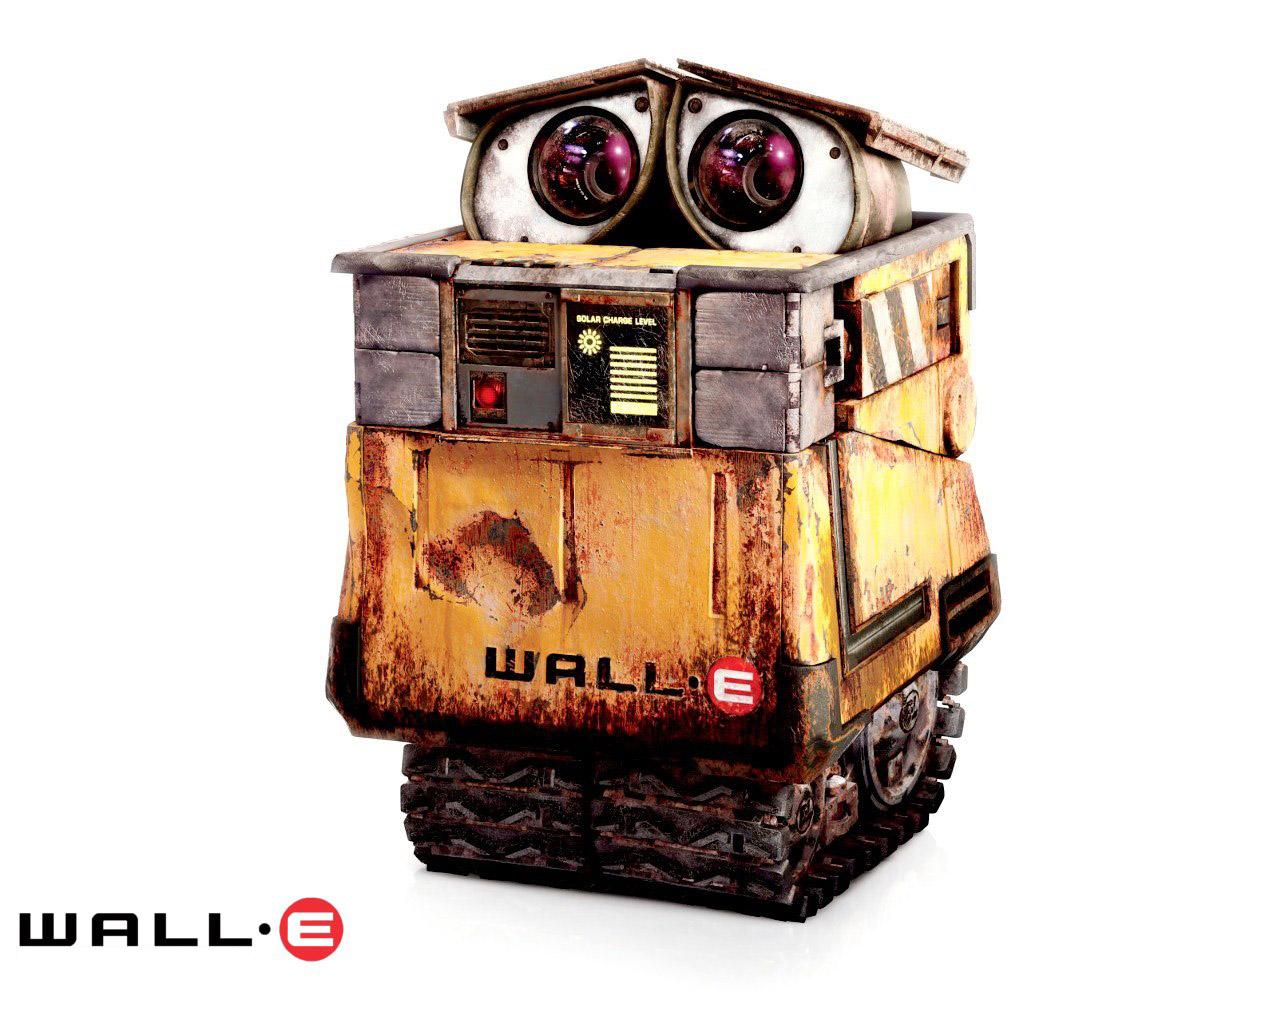 wall e Desde que era un niño, siempre me han gustado los robots me encantaban r2-d2, c3po por esto, decidí construir mi propio robot yo.